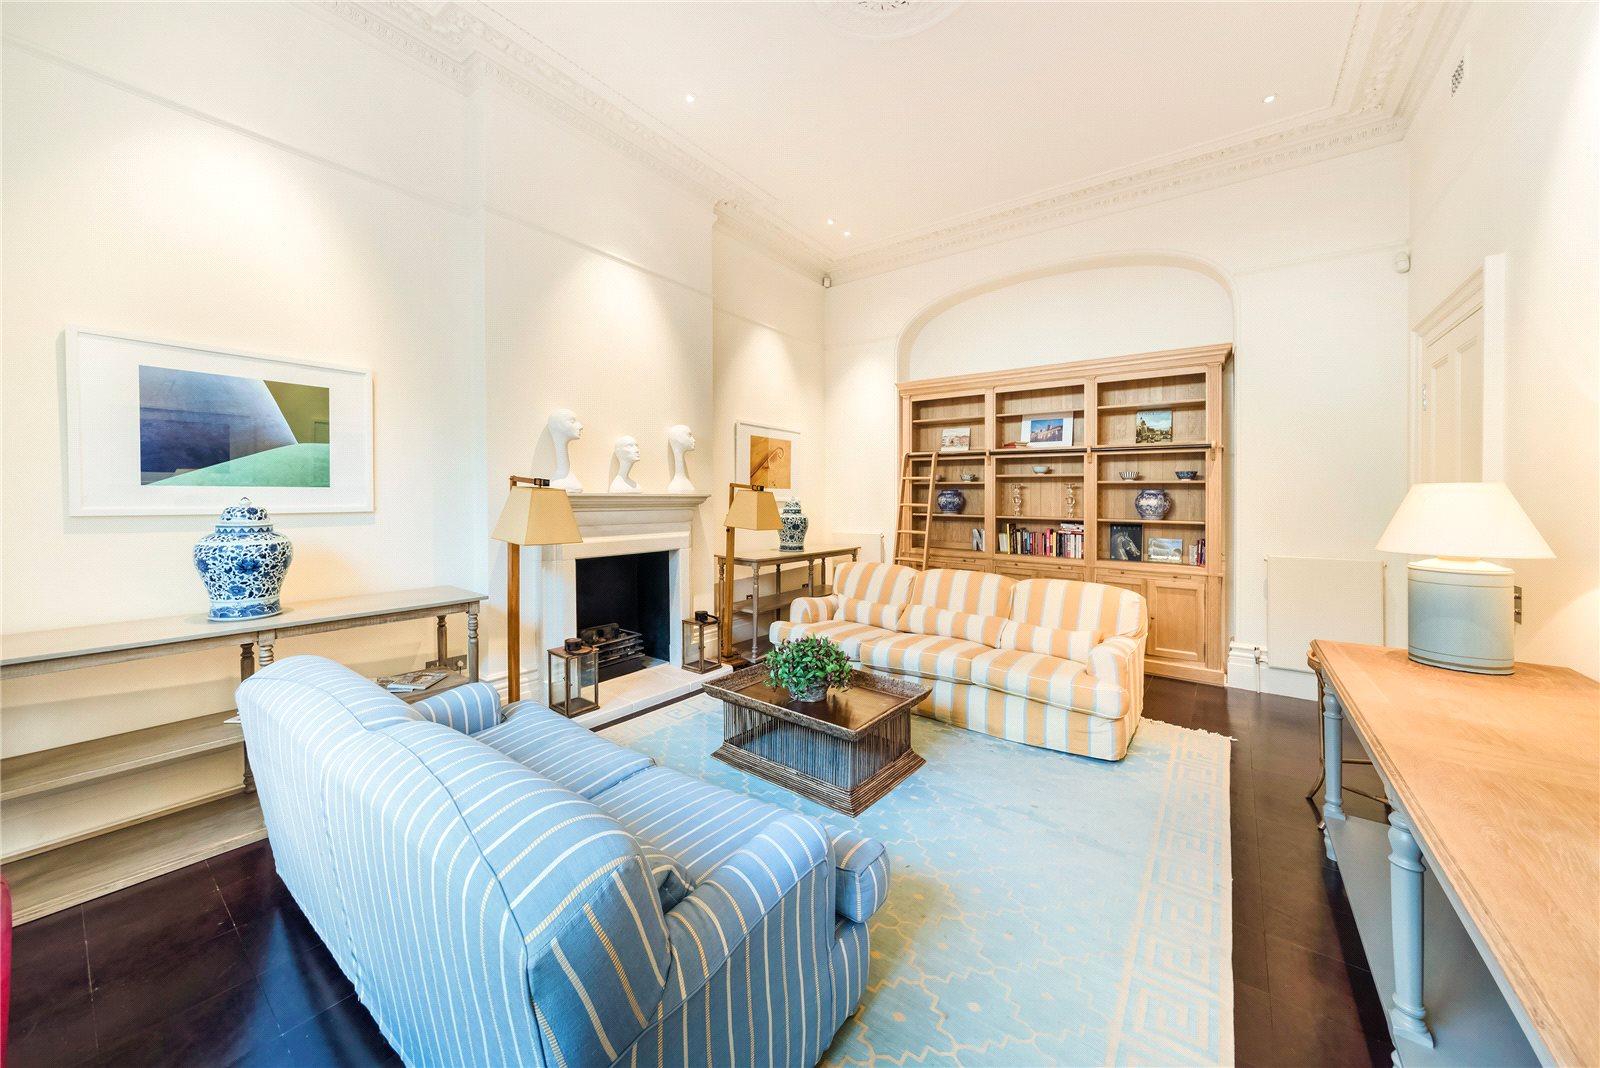 集合住宅 のために 売買 アット Roland Gardens, South Kensington, SW7 South Kensington, イギリス